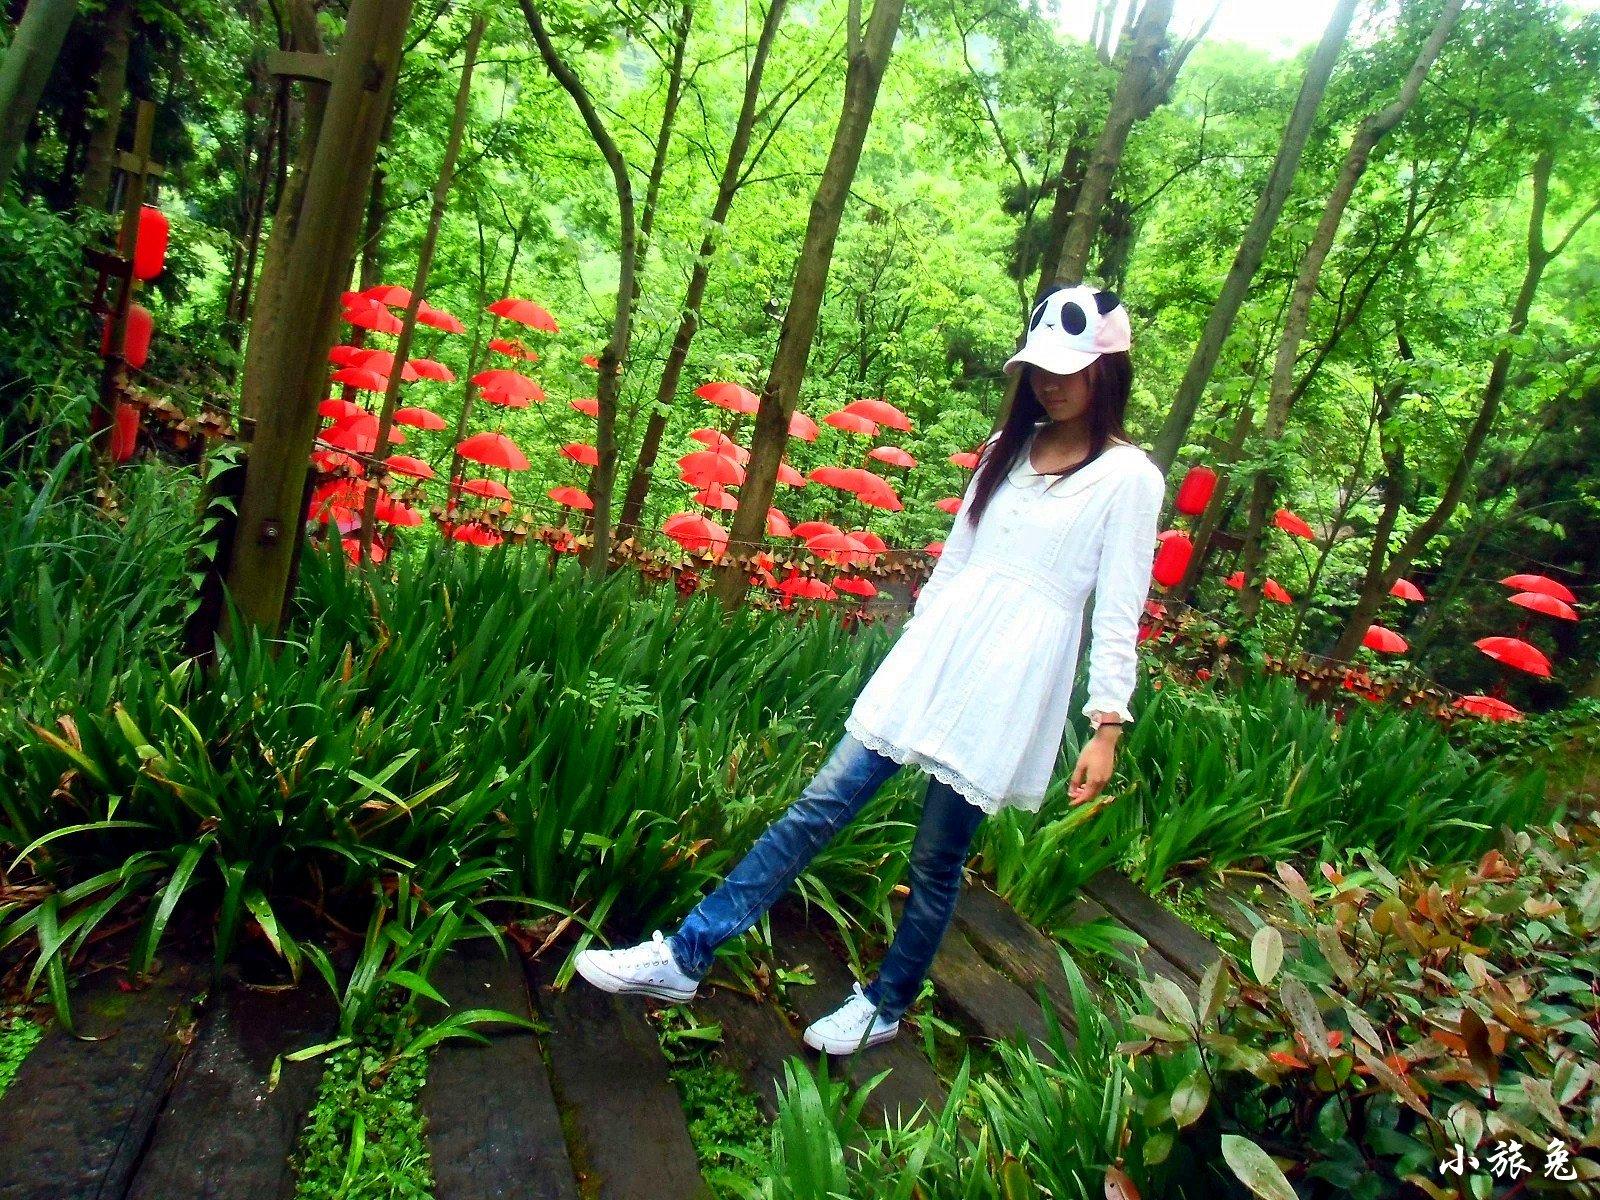 穷游:(凤凰古城+张家界国家森林公园)×2人×5天=1600元